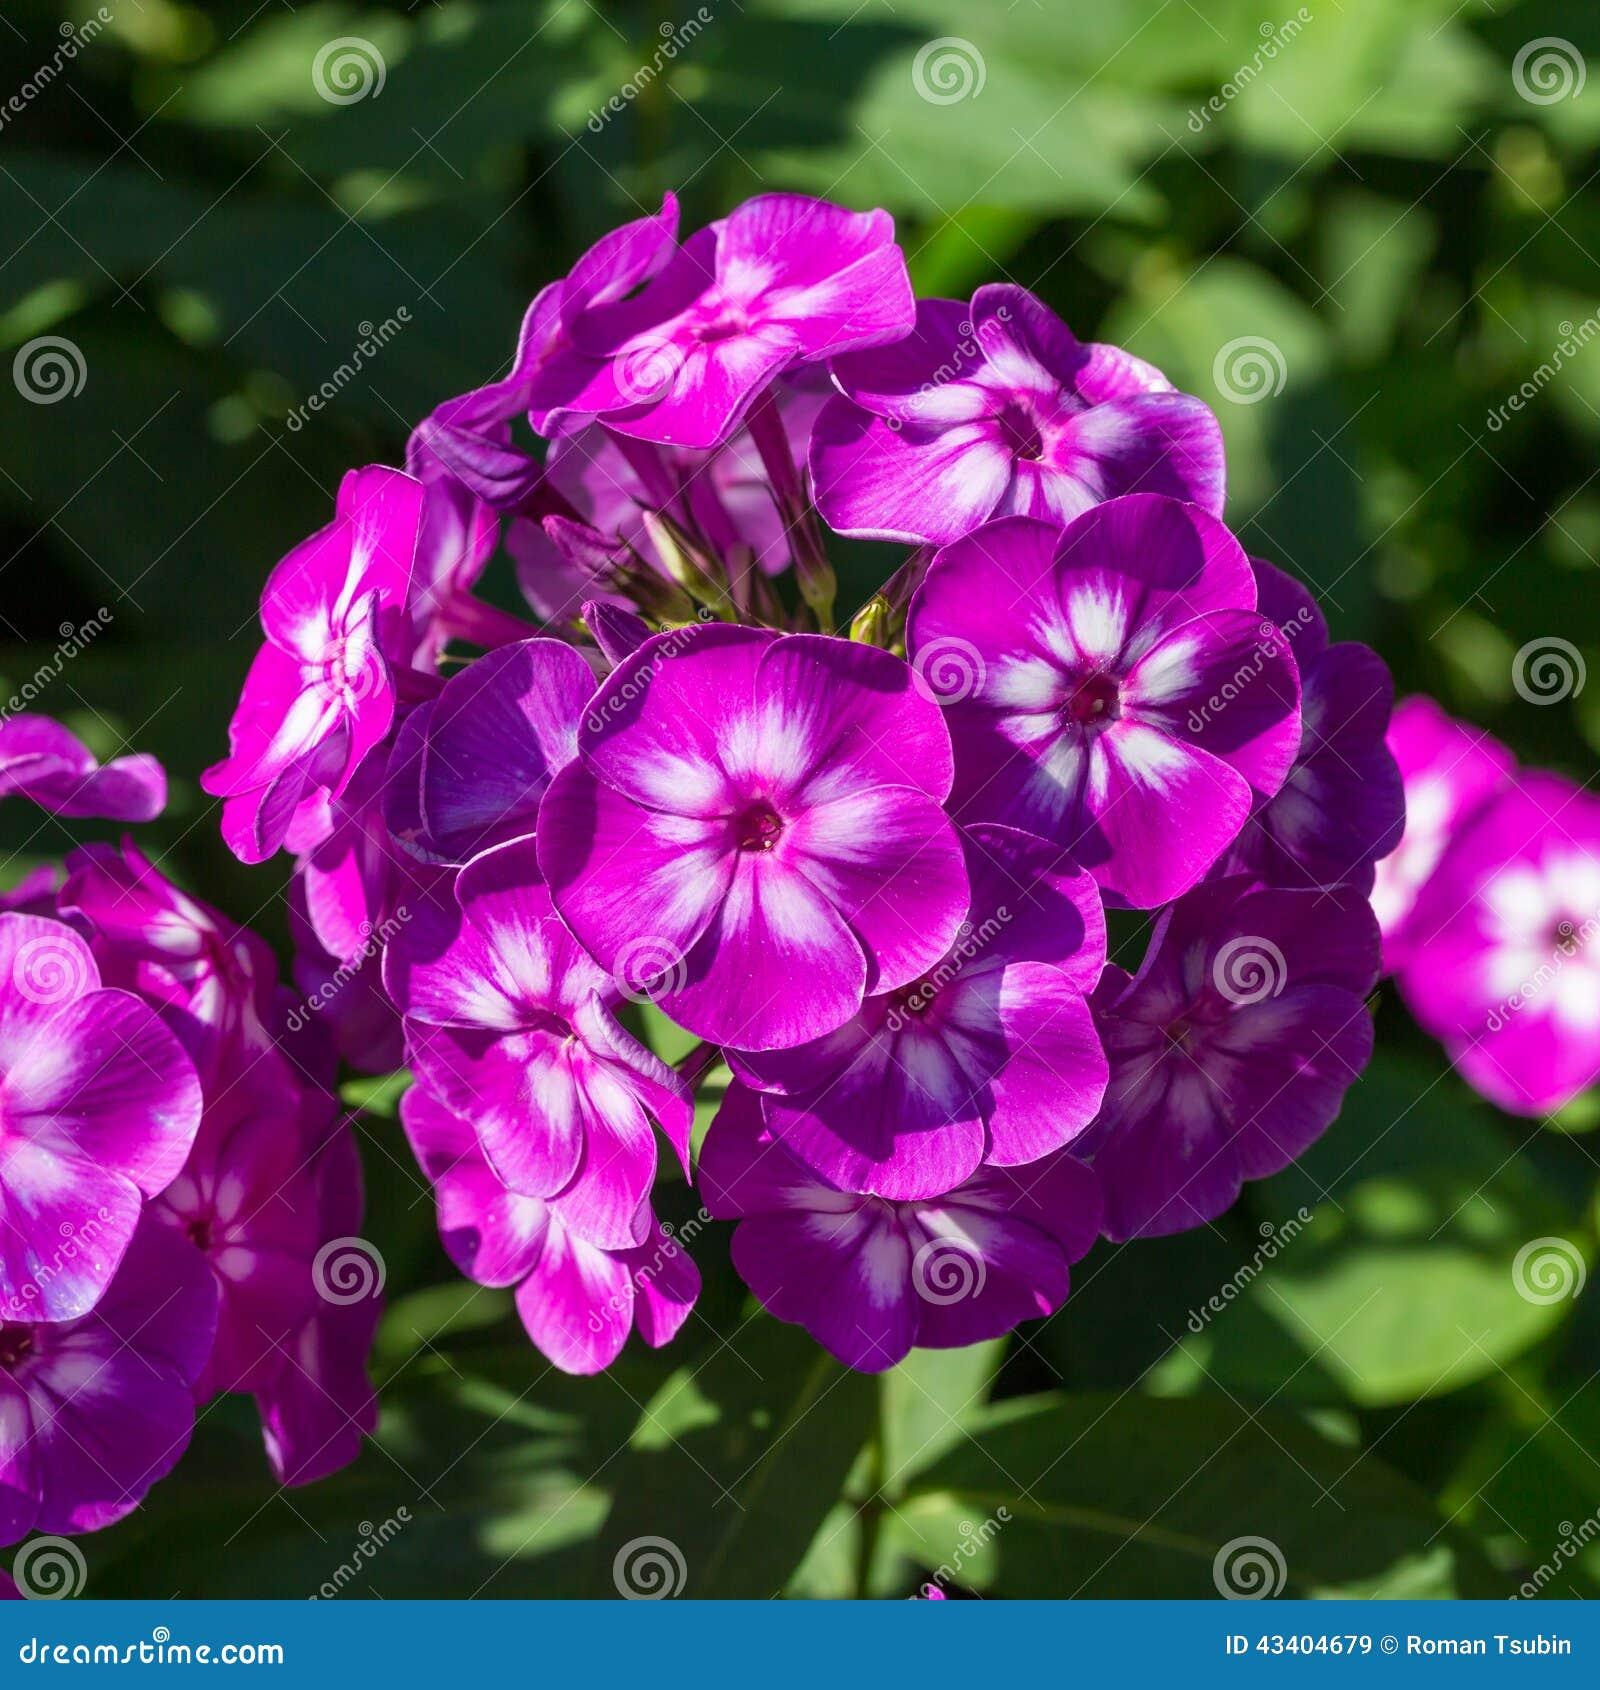 violet phlox bloom stock image 53307919. Black Bedroom Furniture Sets. Home Design Ideas